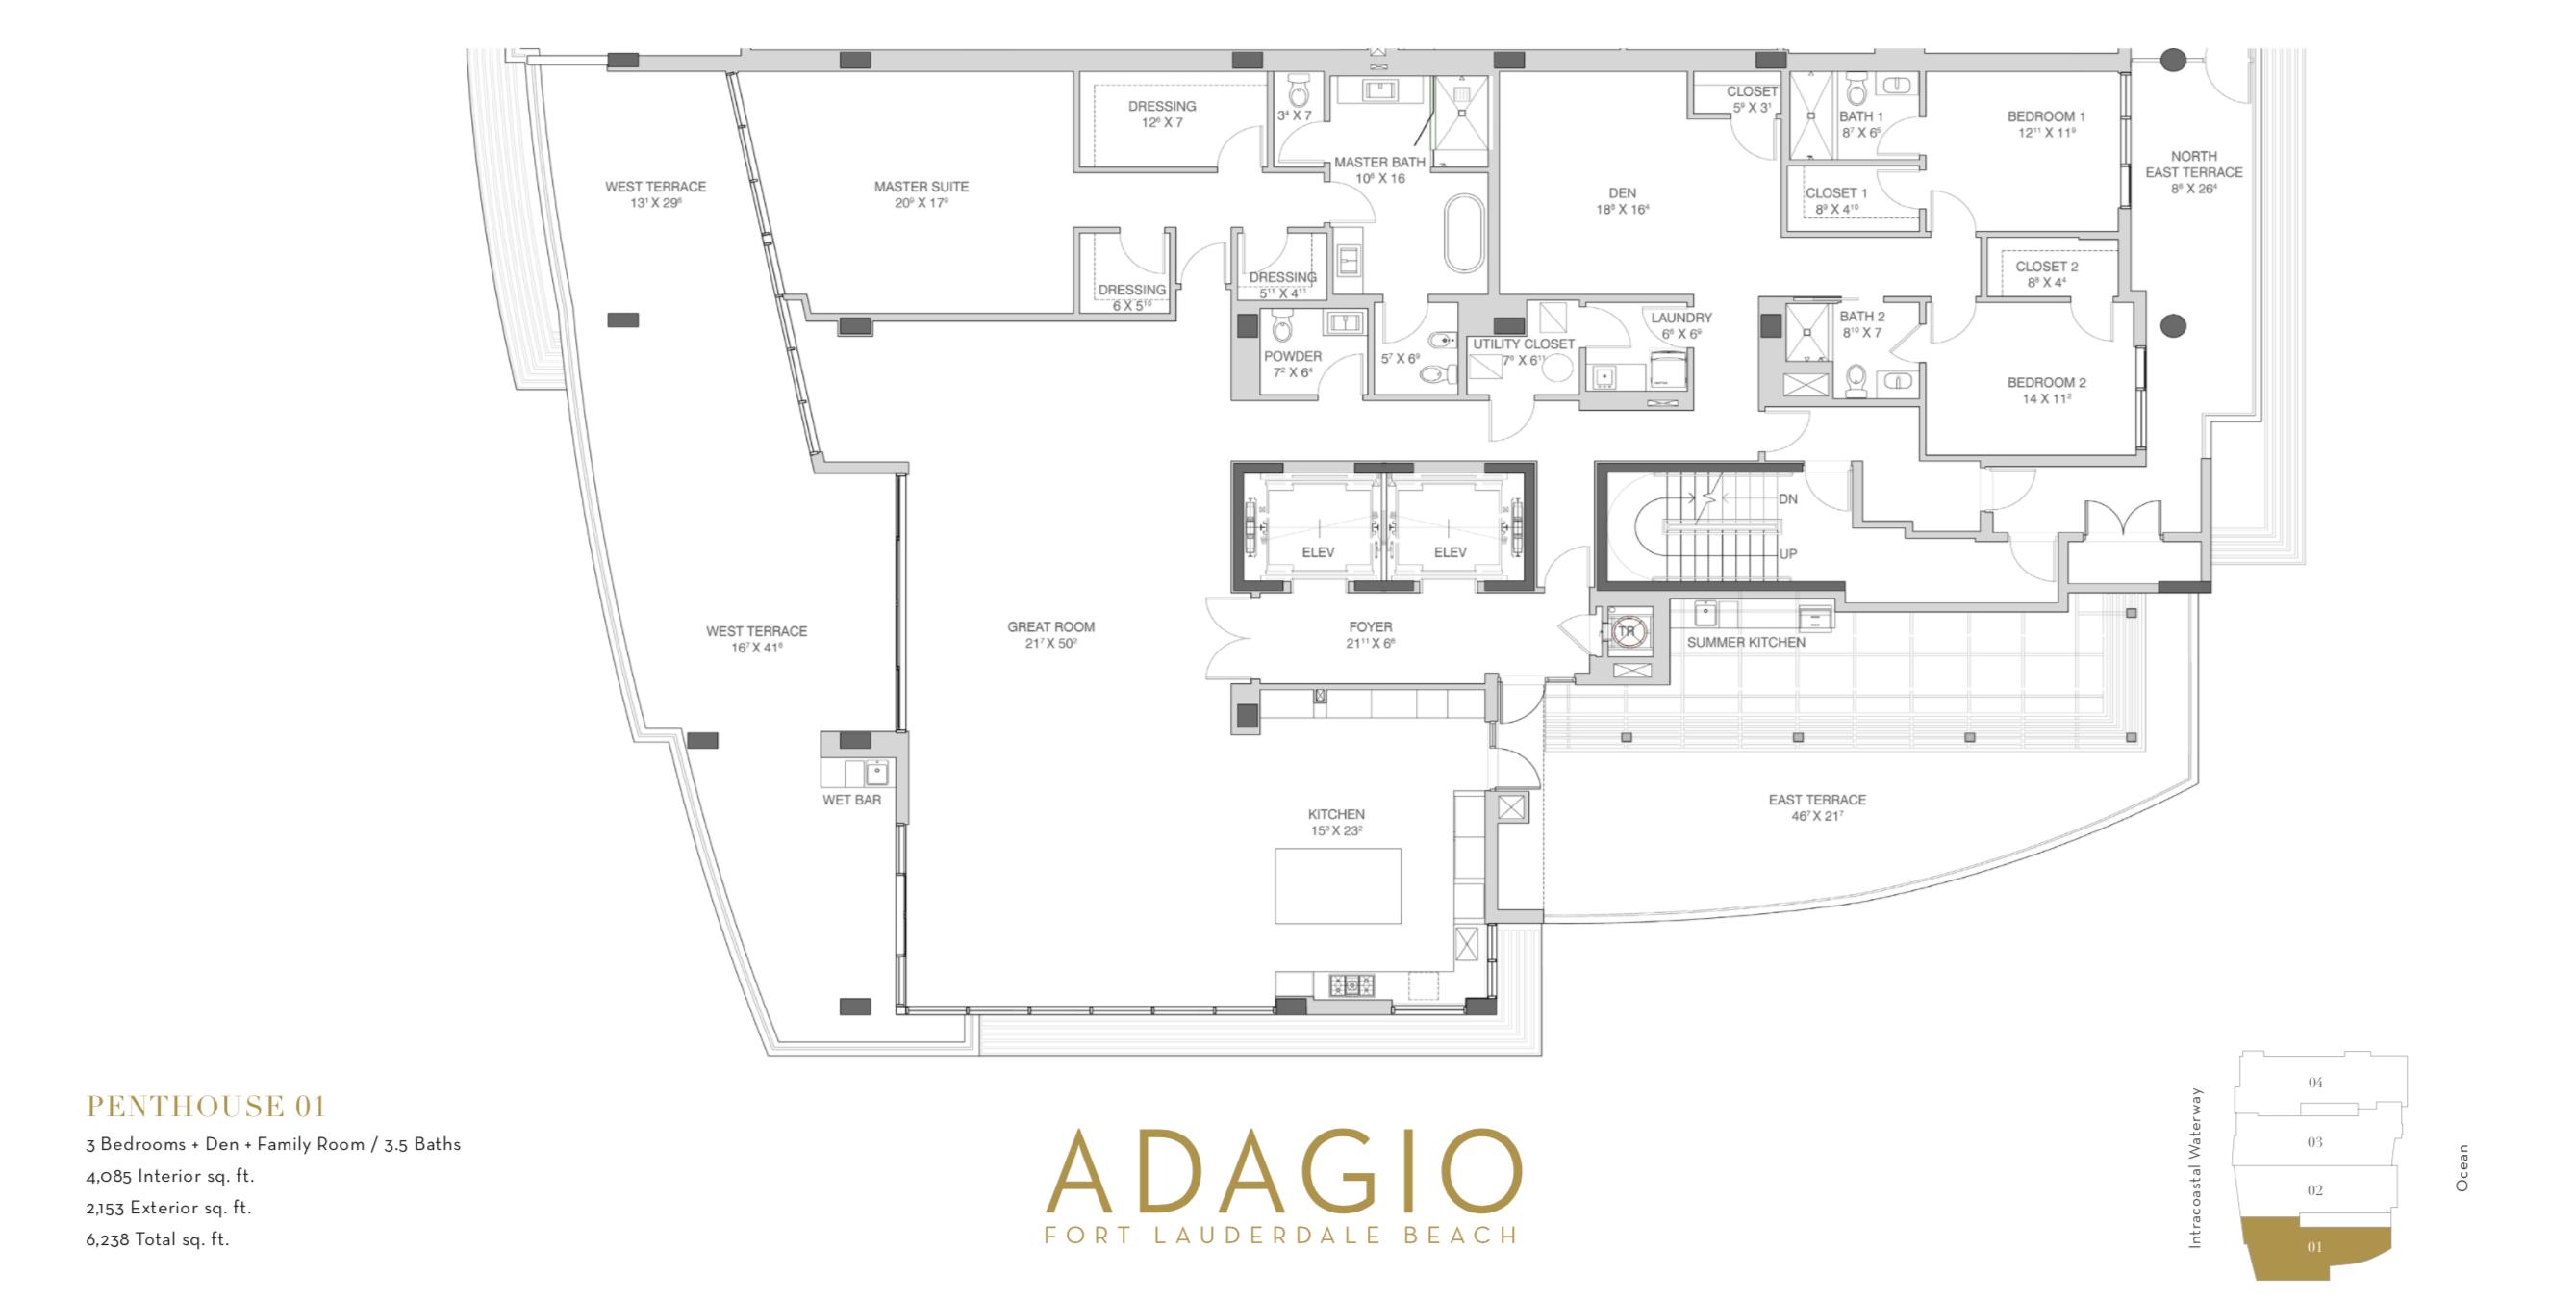 Adagio Fort Lauderdale | Penthouse